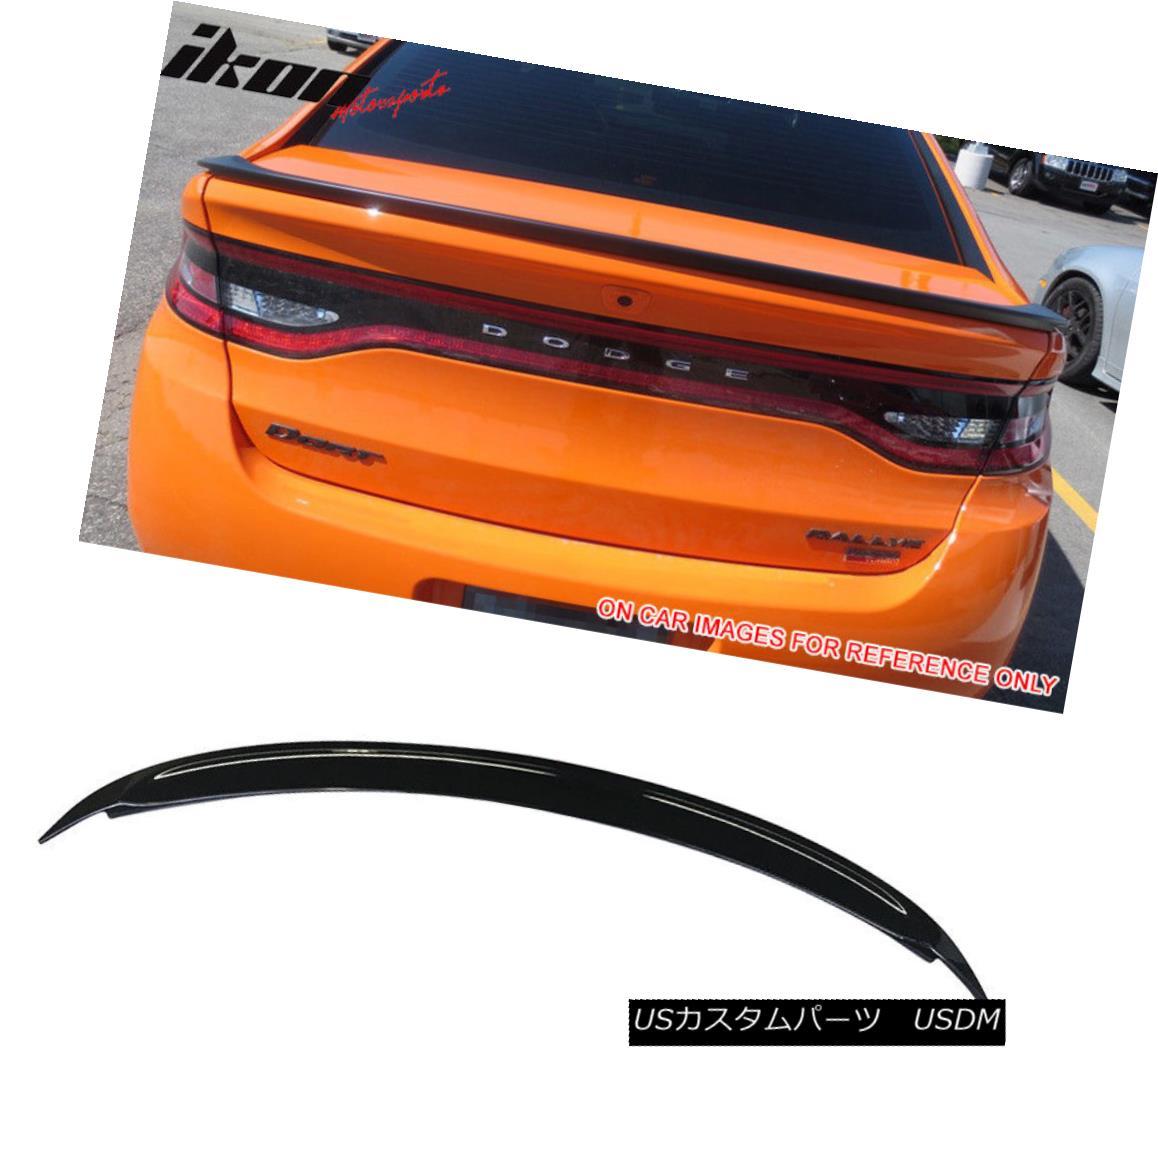 エアロパーツ Fits 13-16 Dodge Dart Factory Style Flushmount Trunk Spoiler Painted #PX8 Black フィット13-16ダッジダートファクトリースタイルフラッシングマウントトランクスポイラー#PX8ブラック